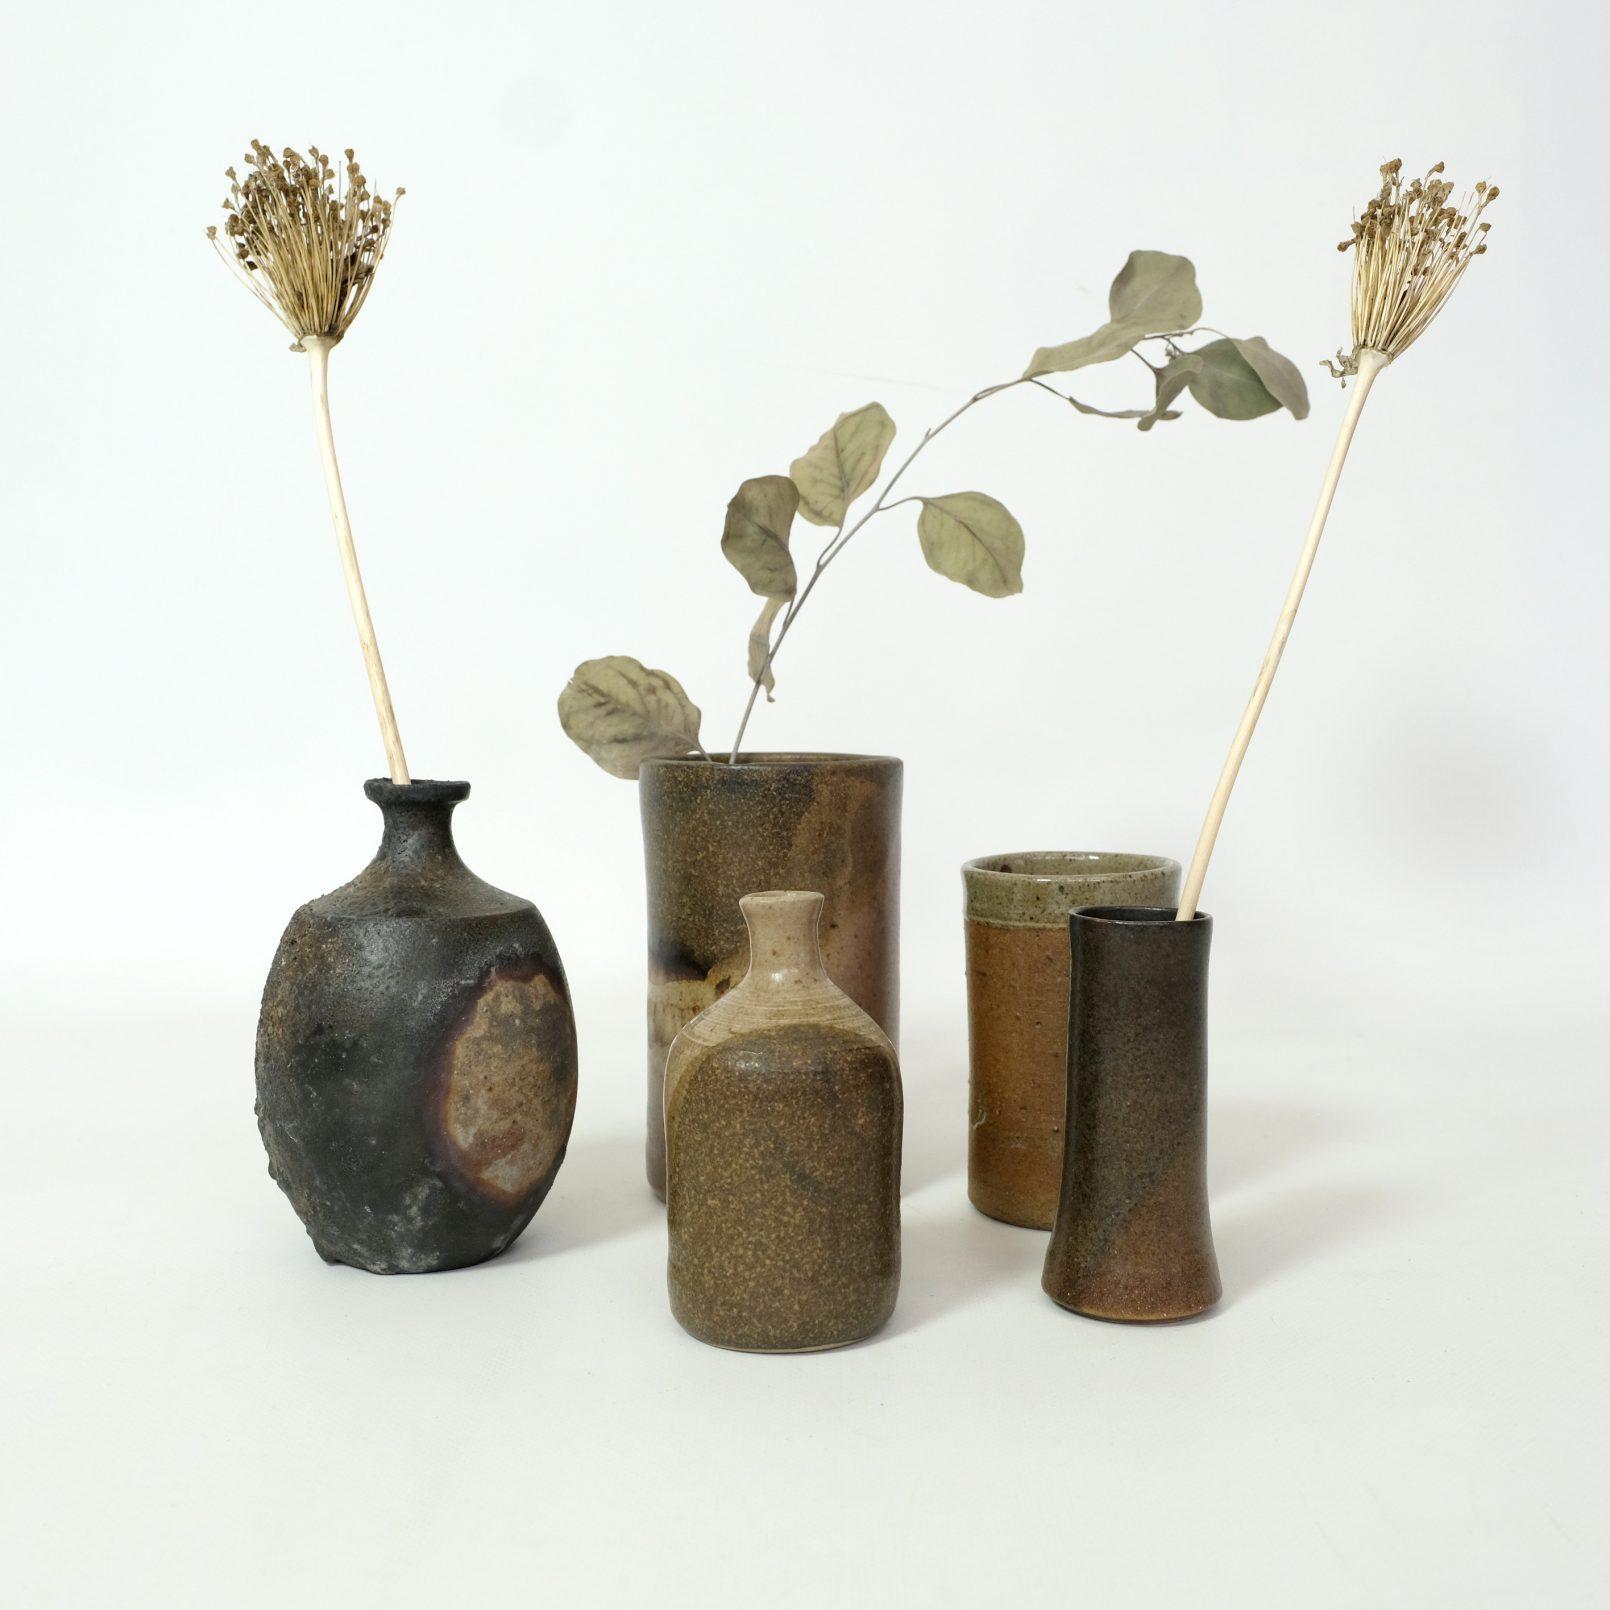 Réunion de 5 petits vases en grès, 1950-1960.